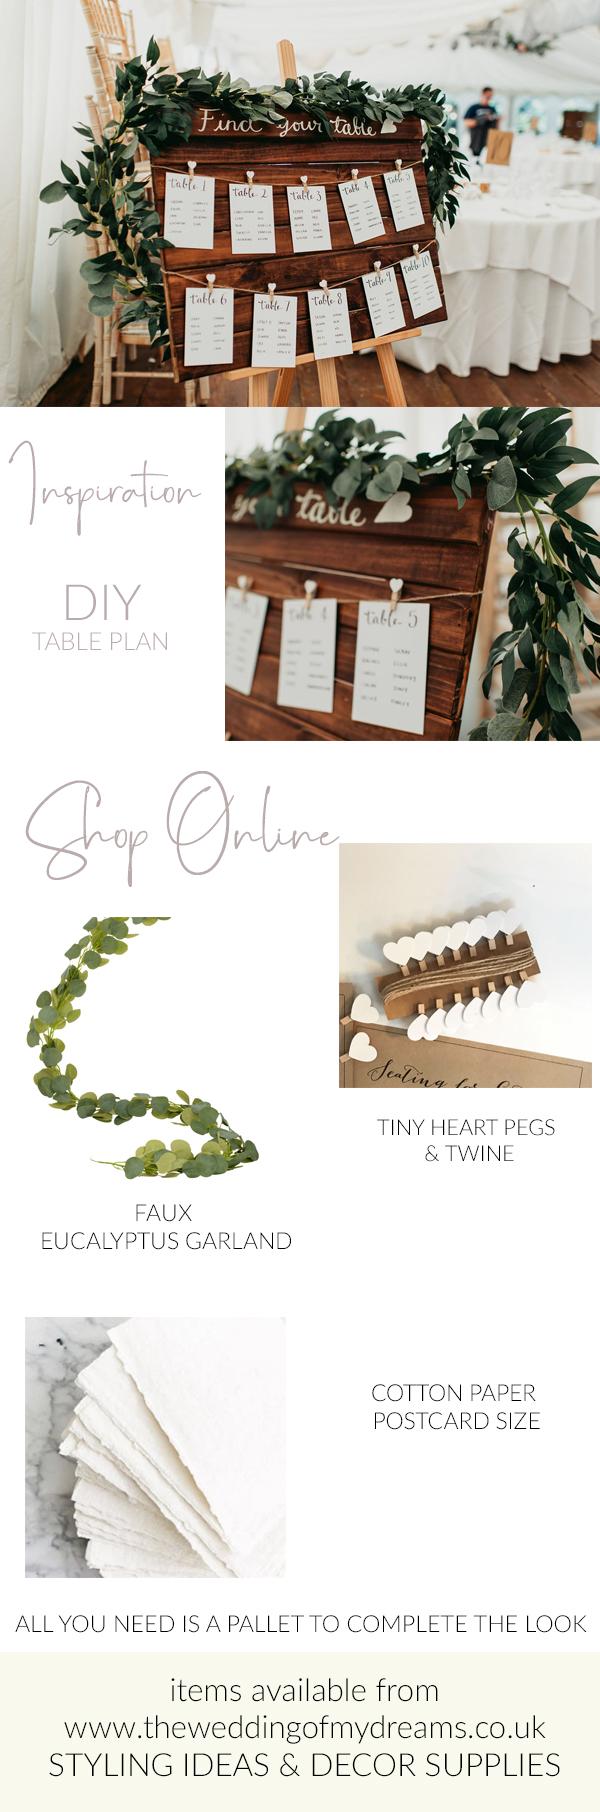 DIY wedding table plan wedding venue styling ideas rustic